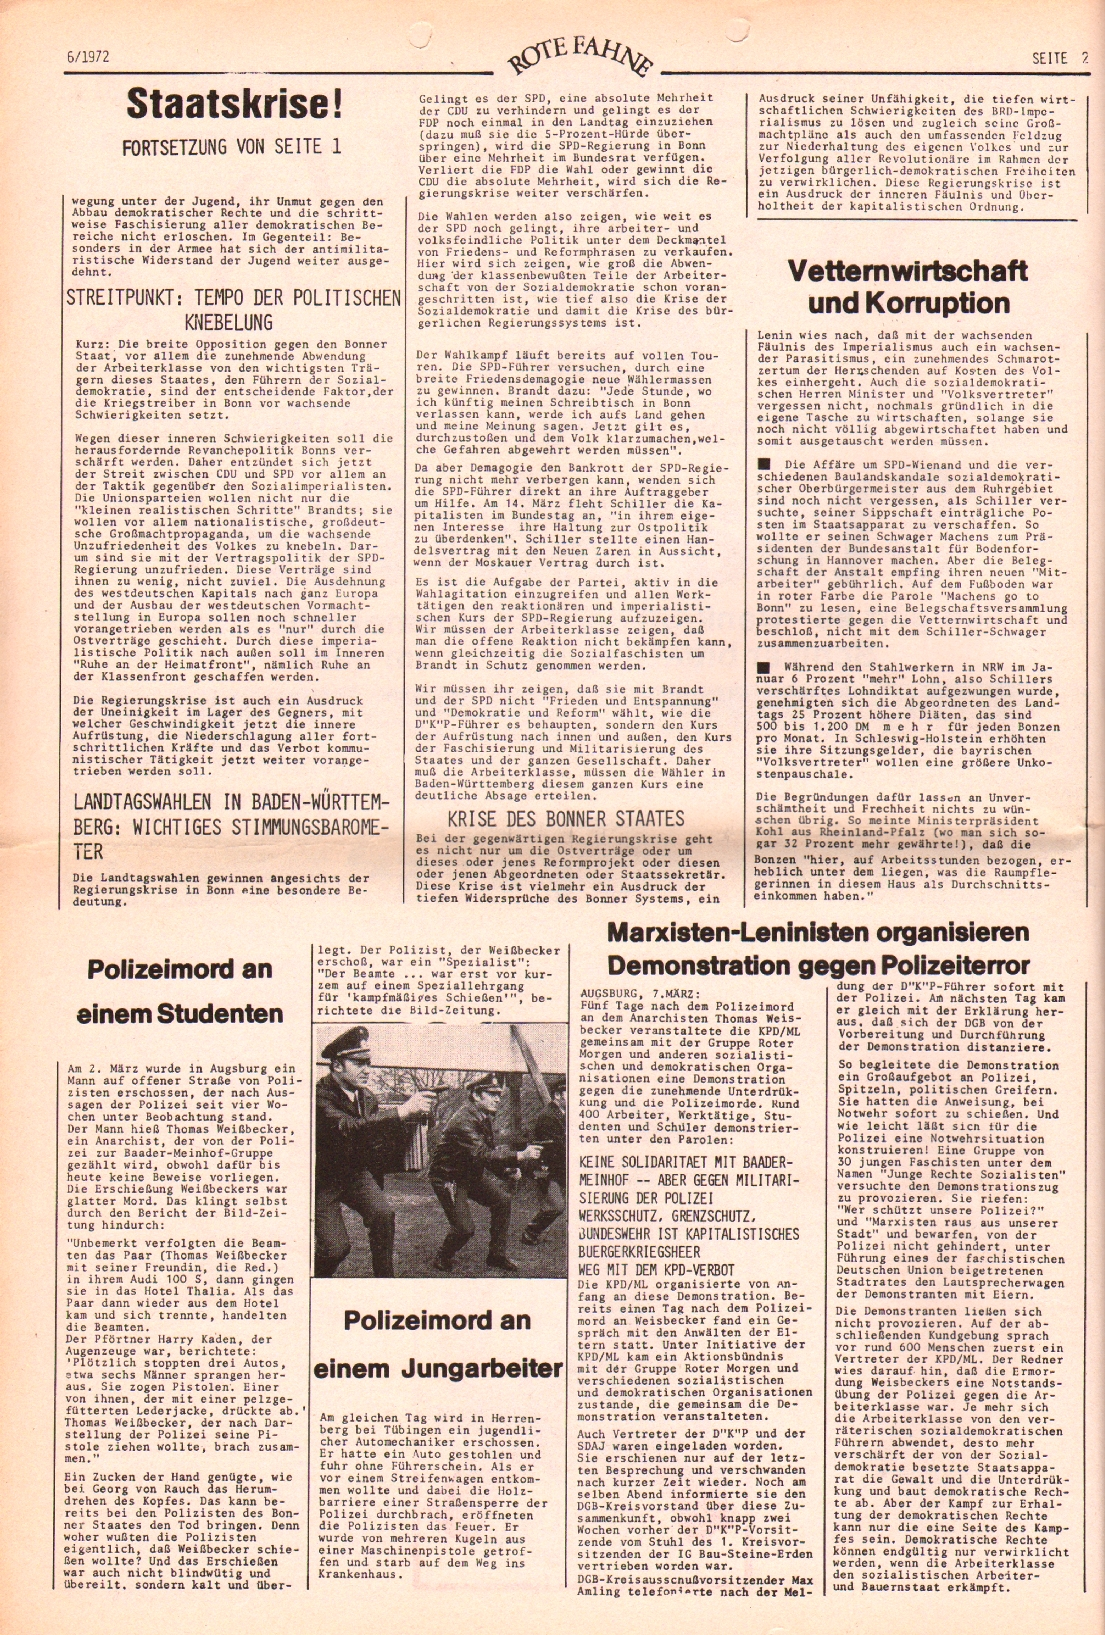 Rote Fahne, 3. Jg., 20.3.1972, Nr. 6, Seite 2